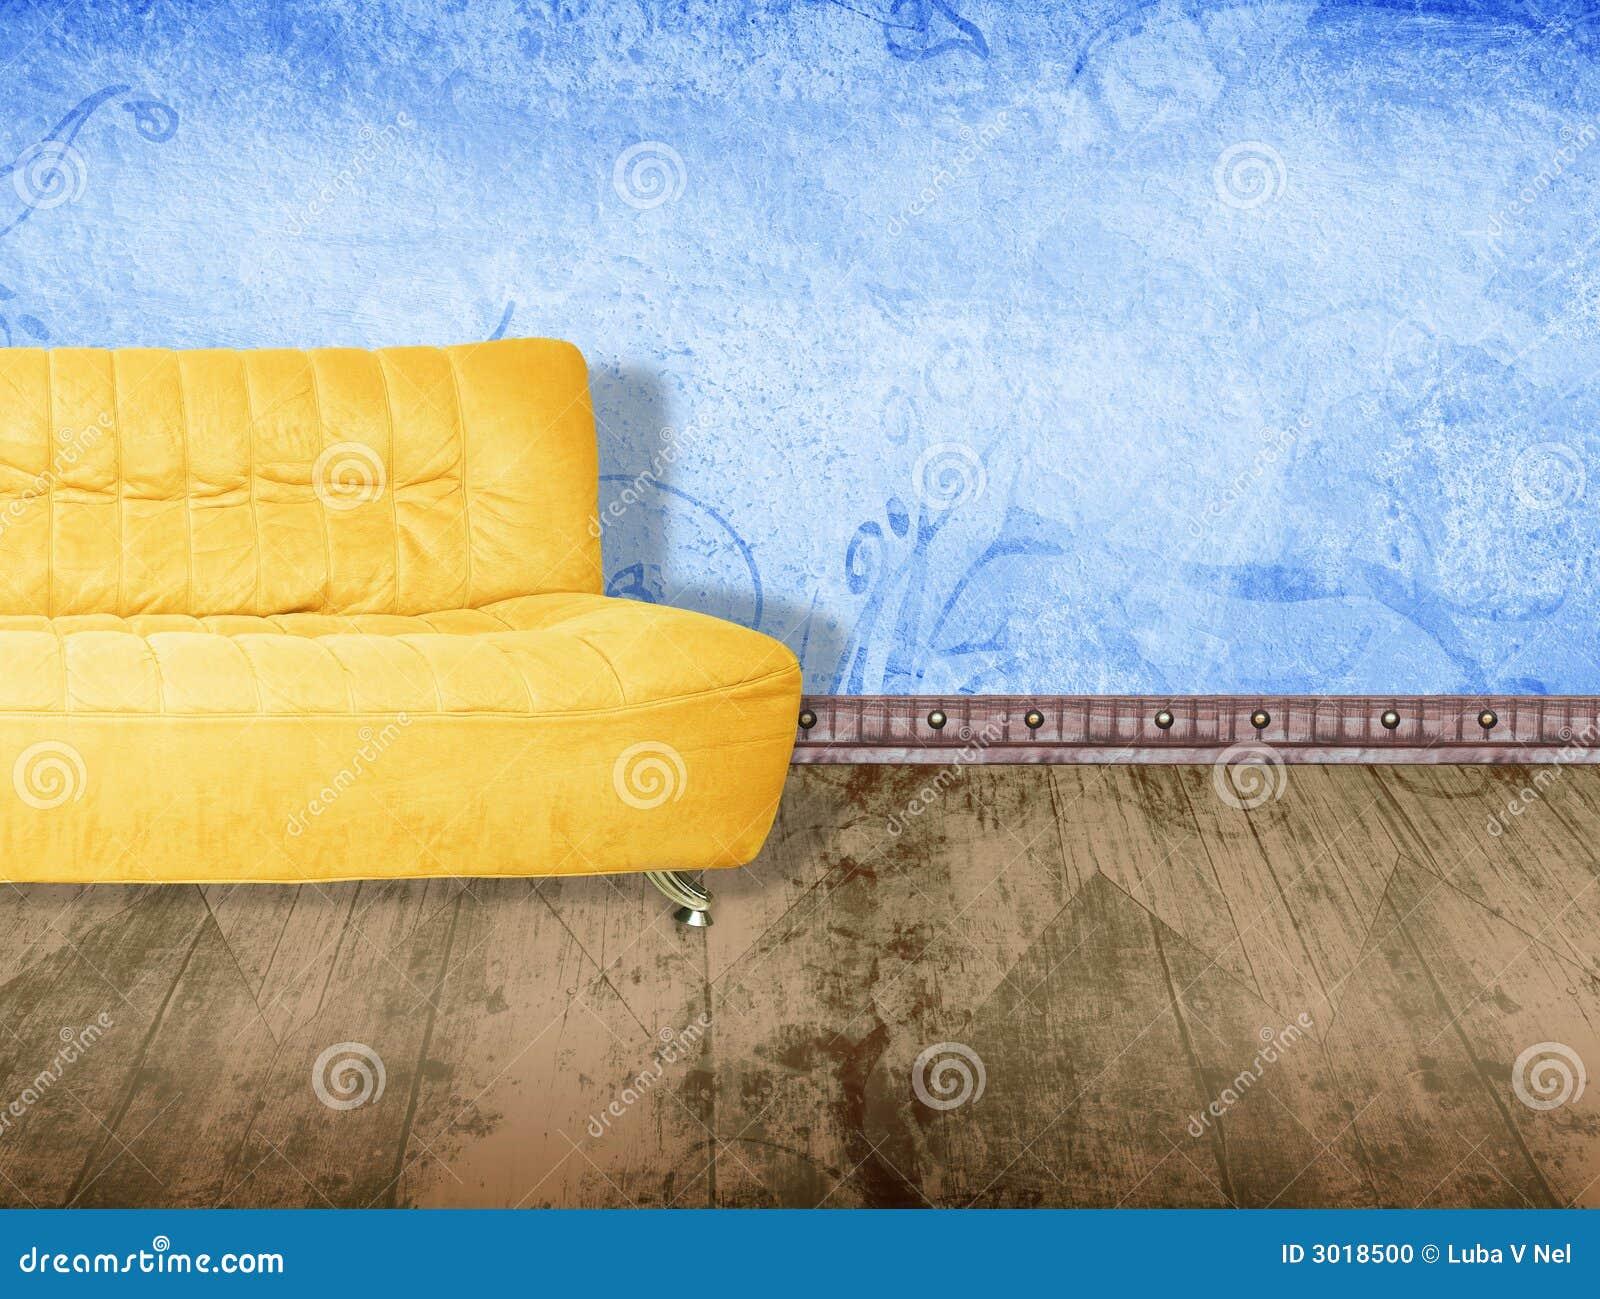 f rben sie couch gelb stockfoto bild 3018500. Black Bedroom Furniture Sets. Home Design Ideas